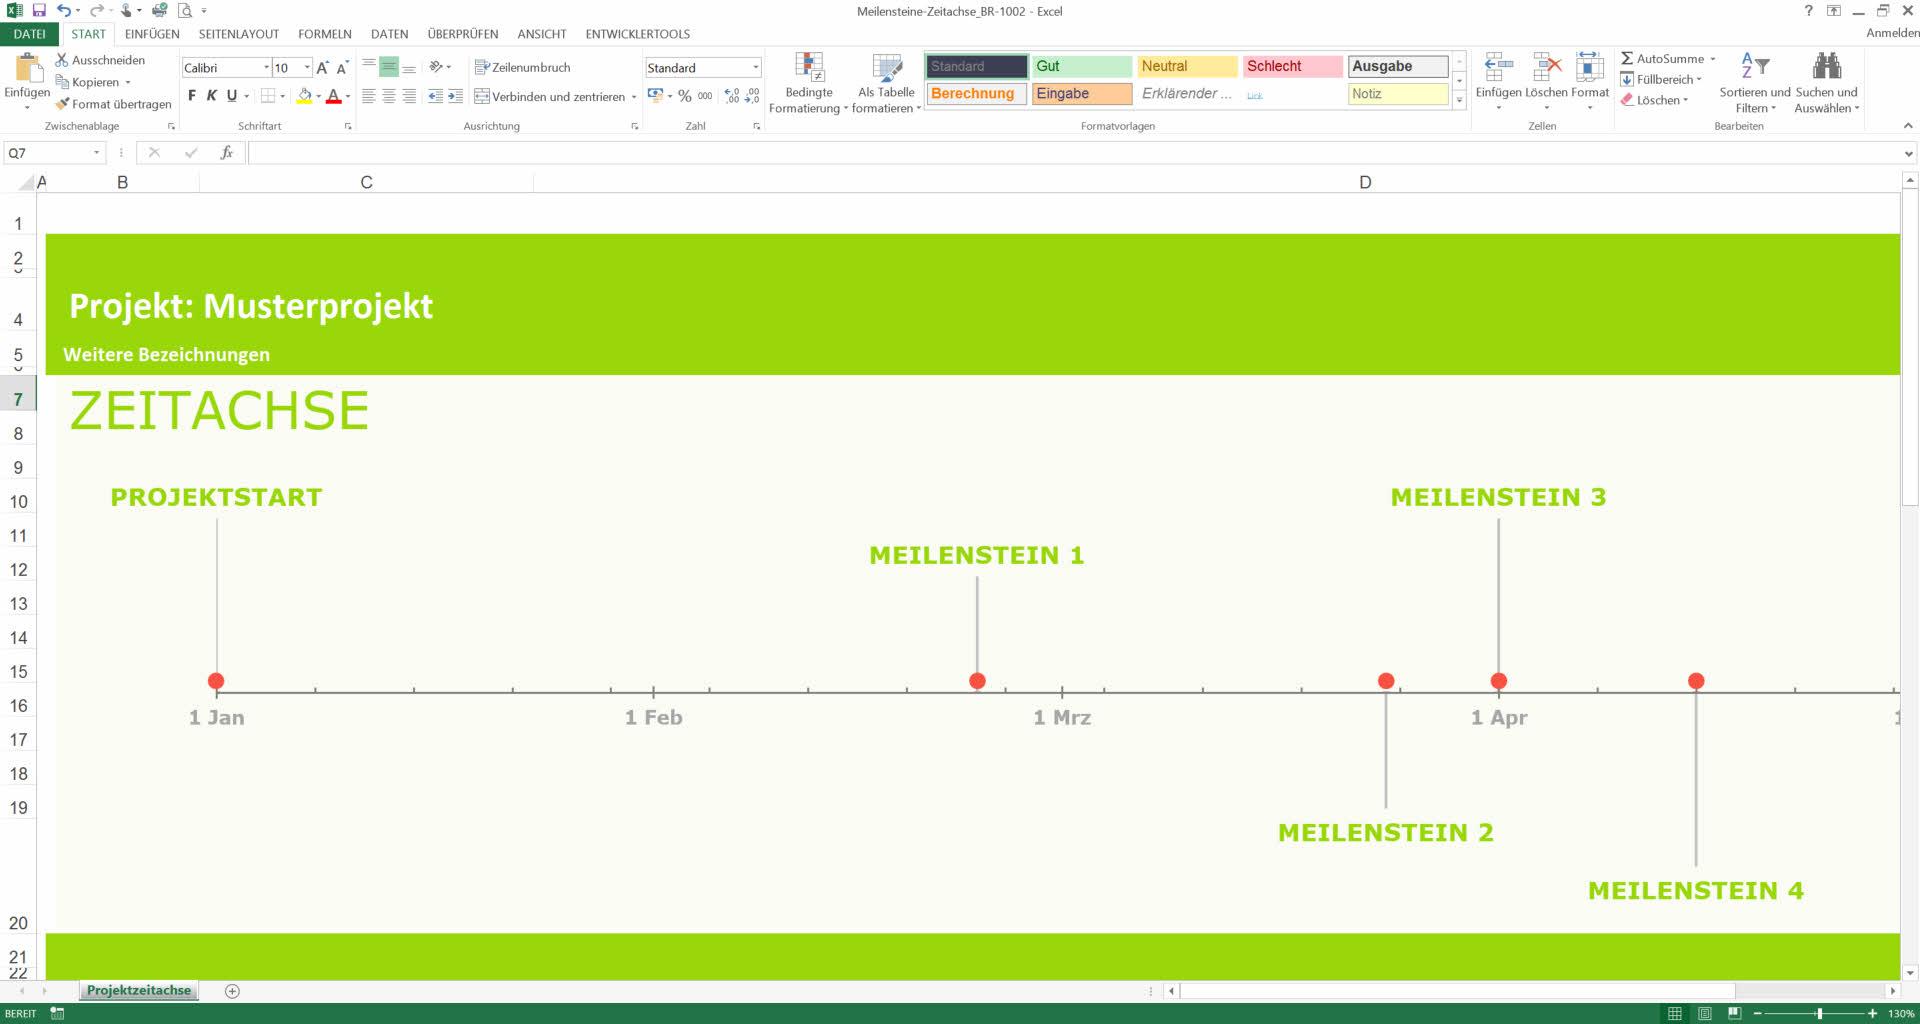 Meilensteinplan Excel Vorlage -Meilenstein Zeitachse, Zeitachsenplan ...